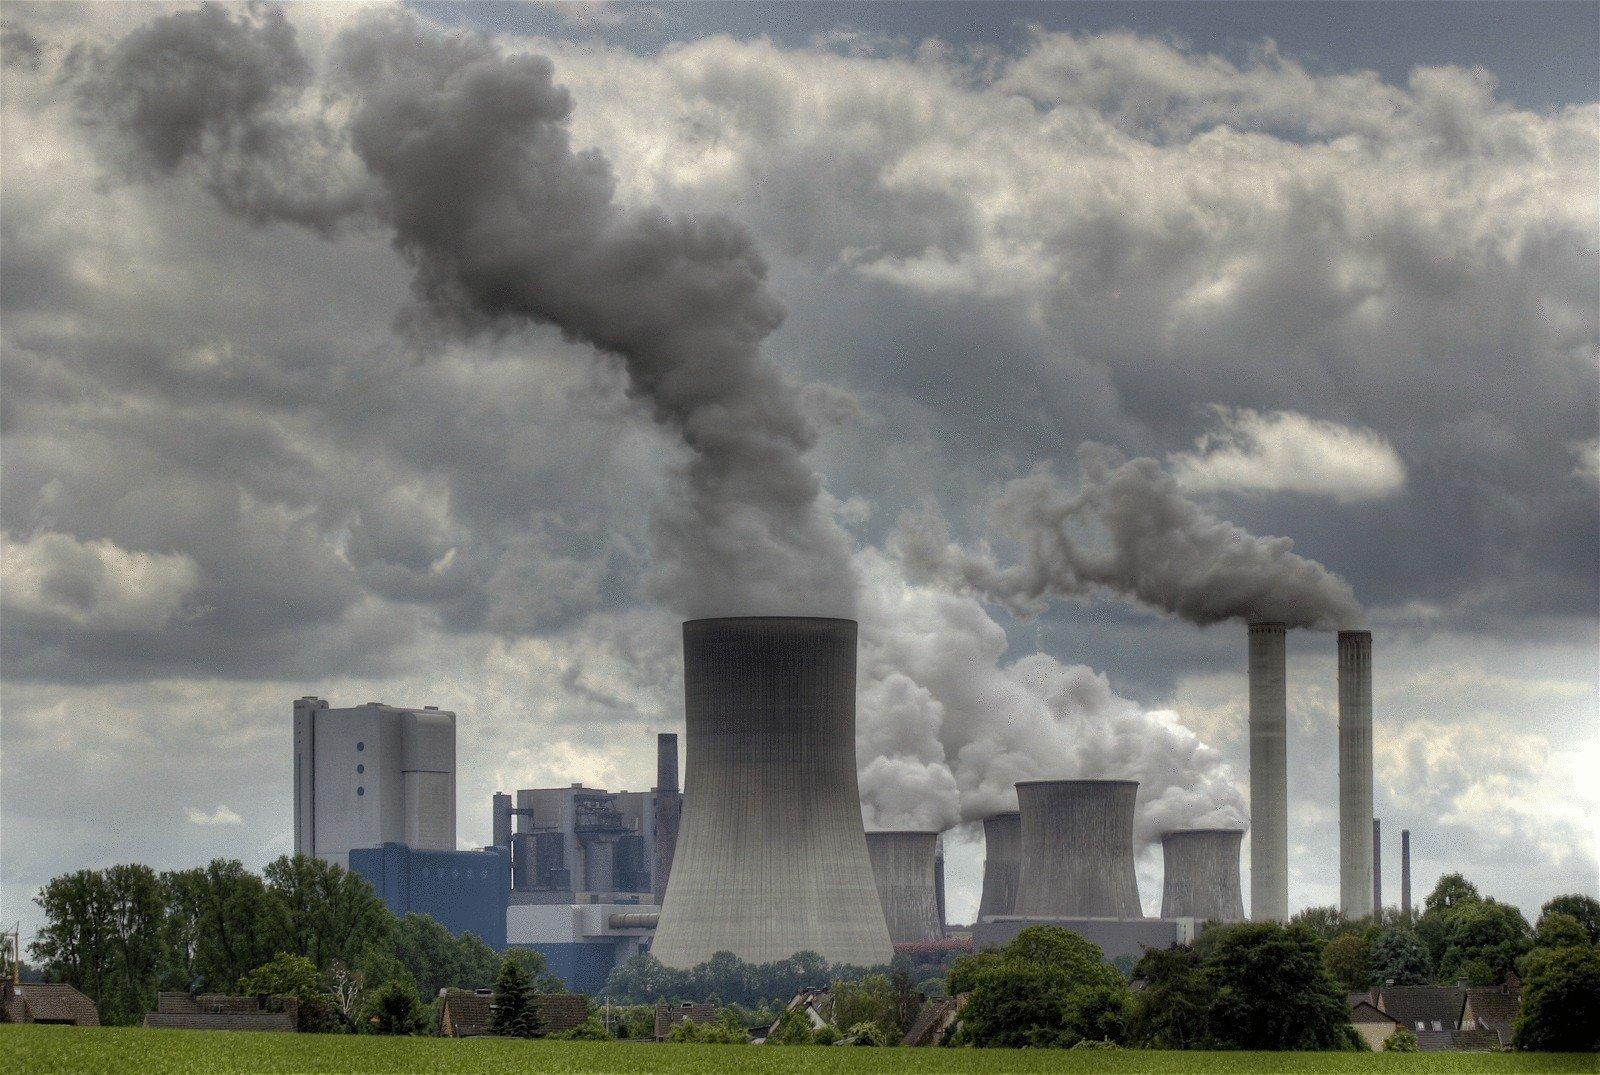 Влияние атмосферных загрязнений на здоровье населения